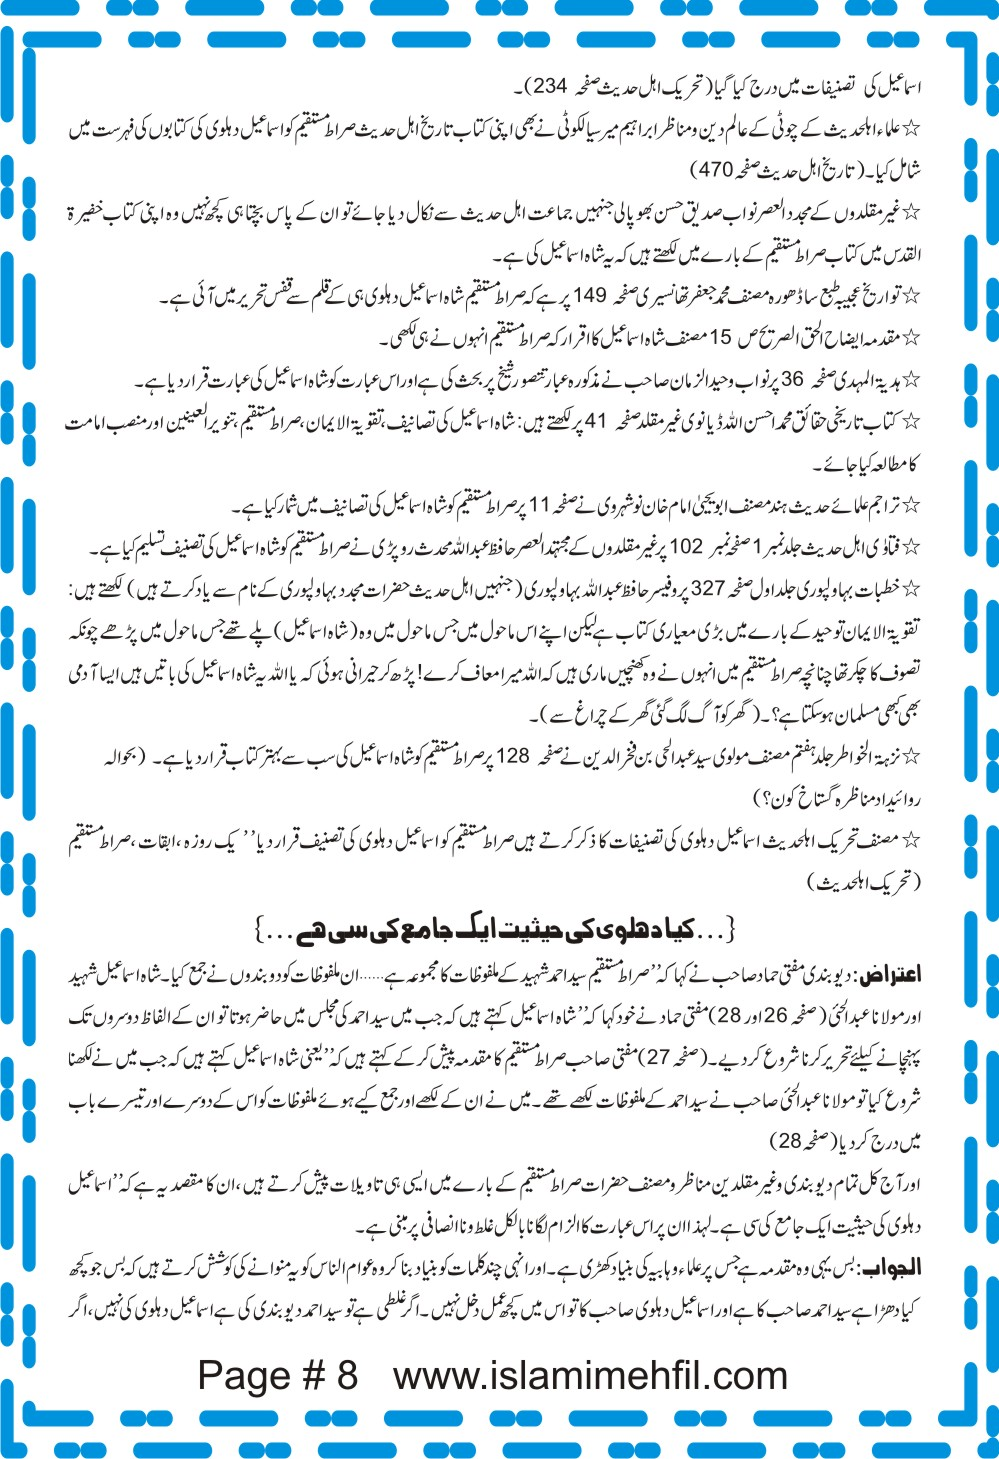 Siratul Mustaqeem (8).jpg